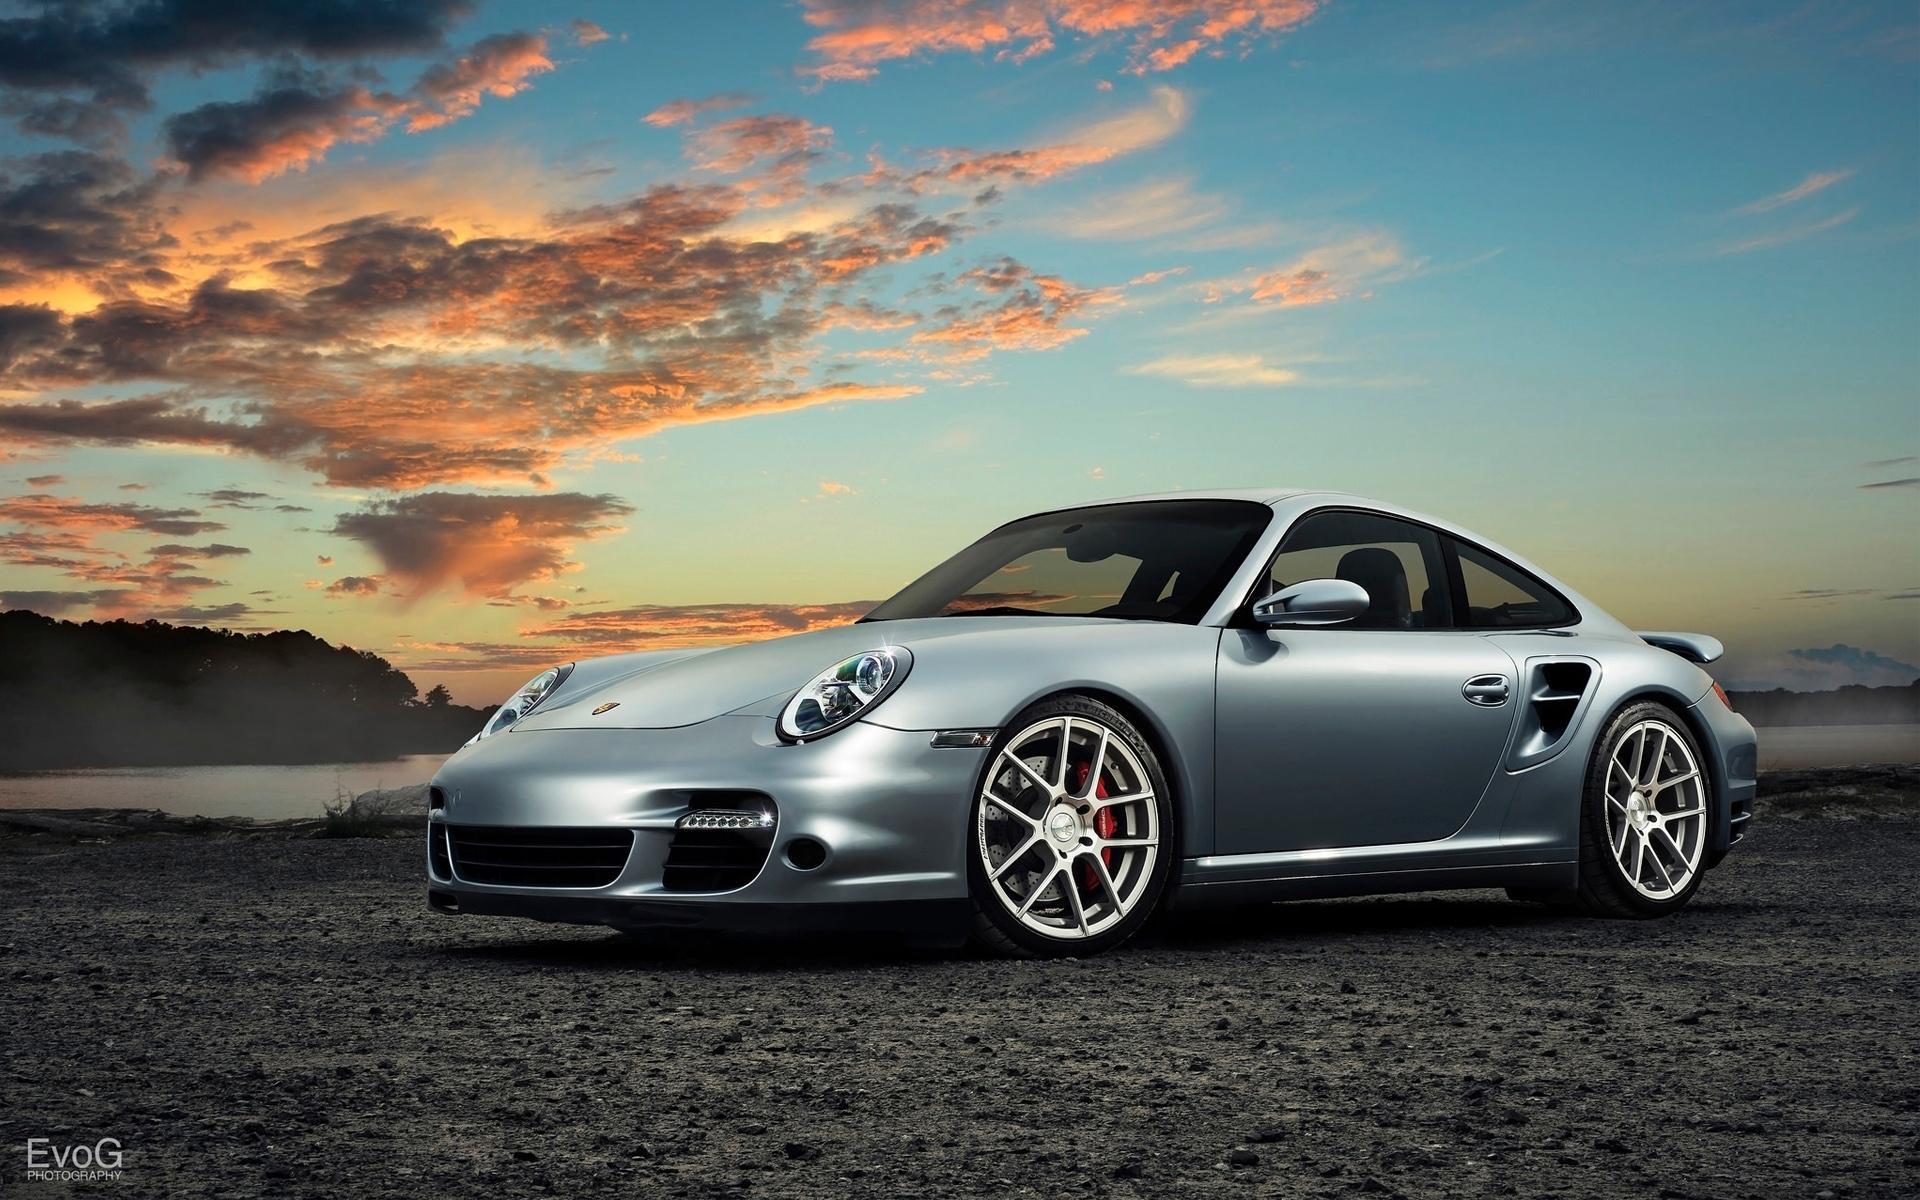 Porsche 997 Turbo >> Porsche 911 Turbo Avant Garde Wallpaper   HD Car ...